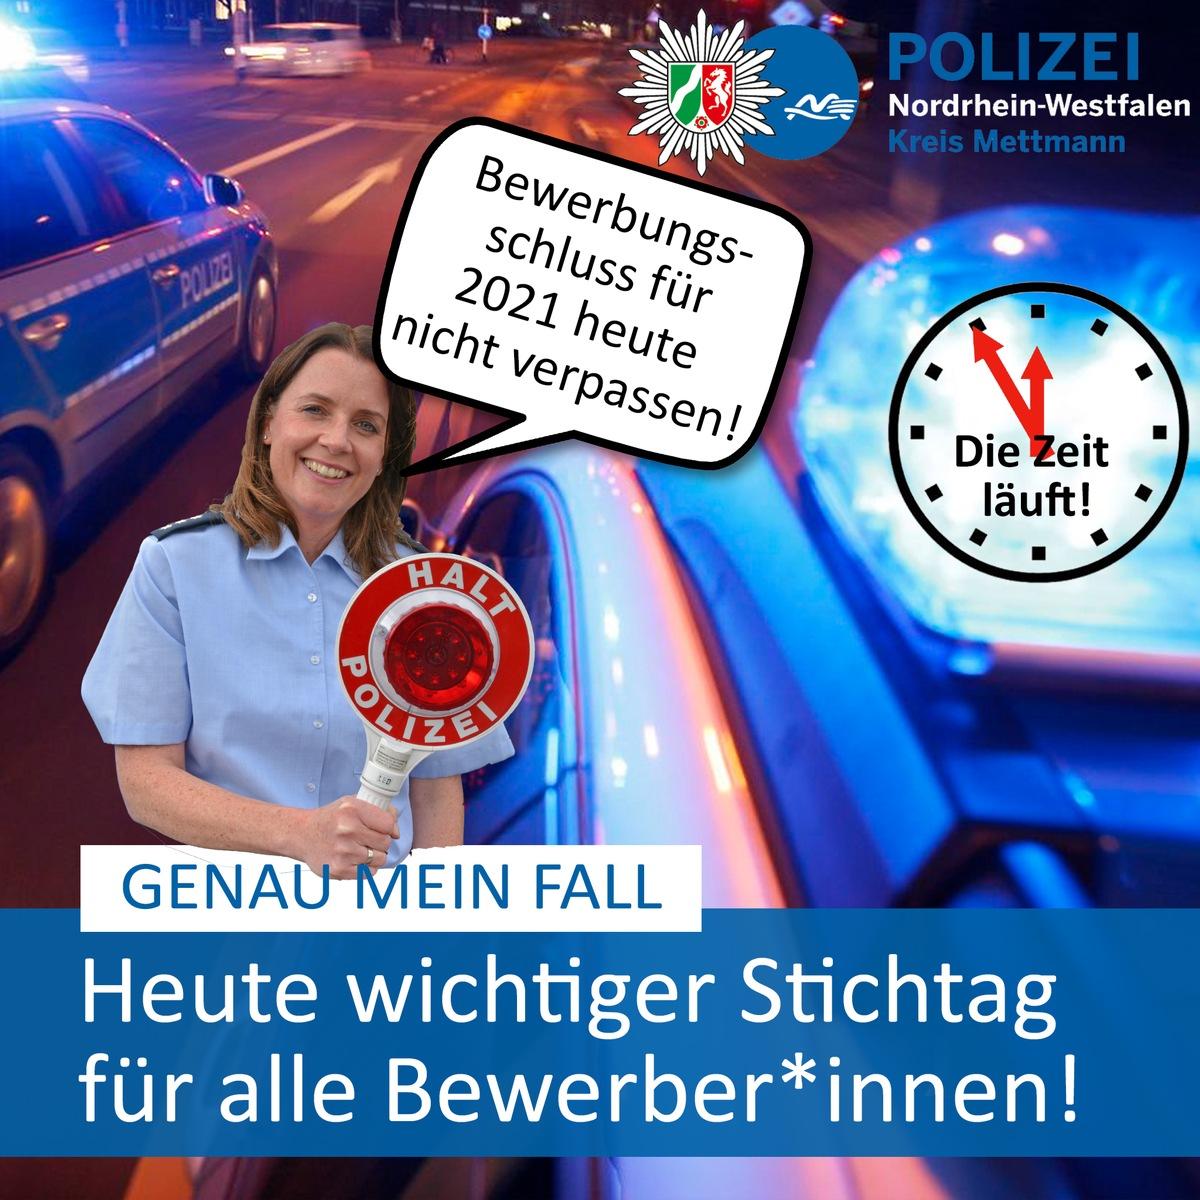 ᐅ Bewerbung Polizei So Bewirbst Du Dich Richtig